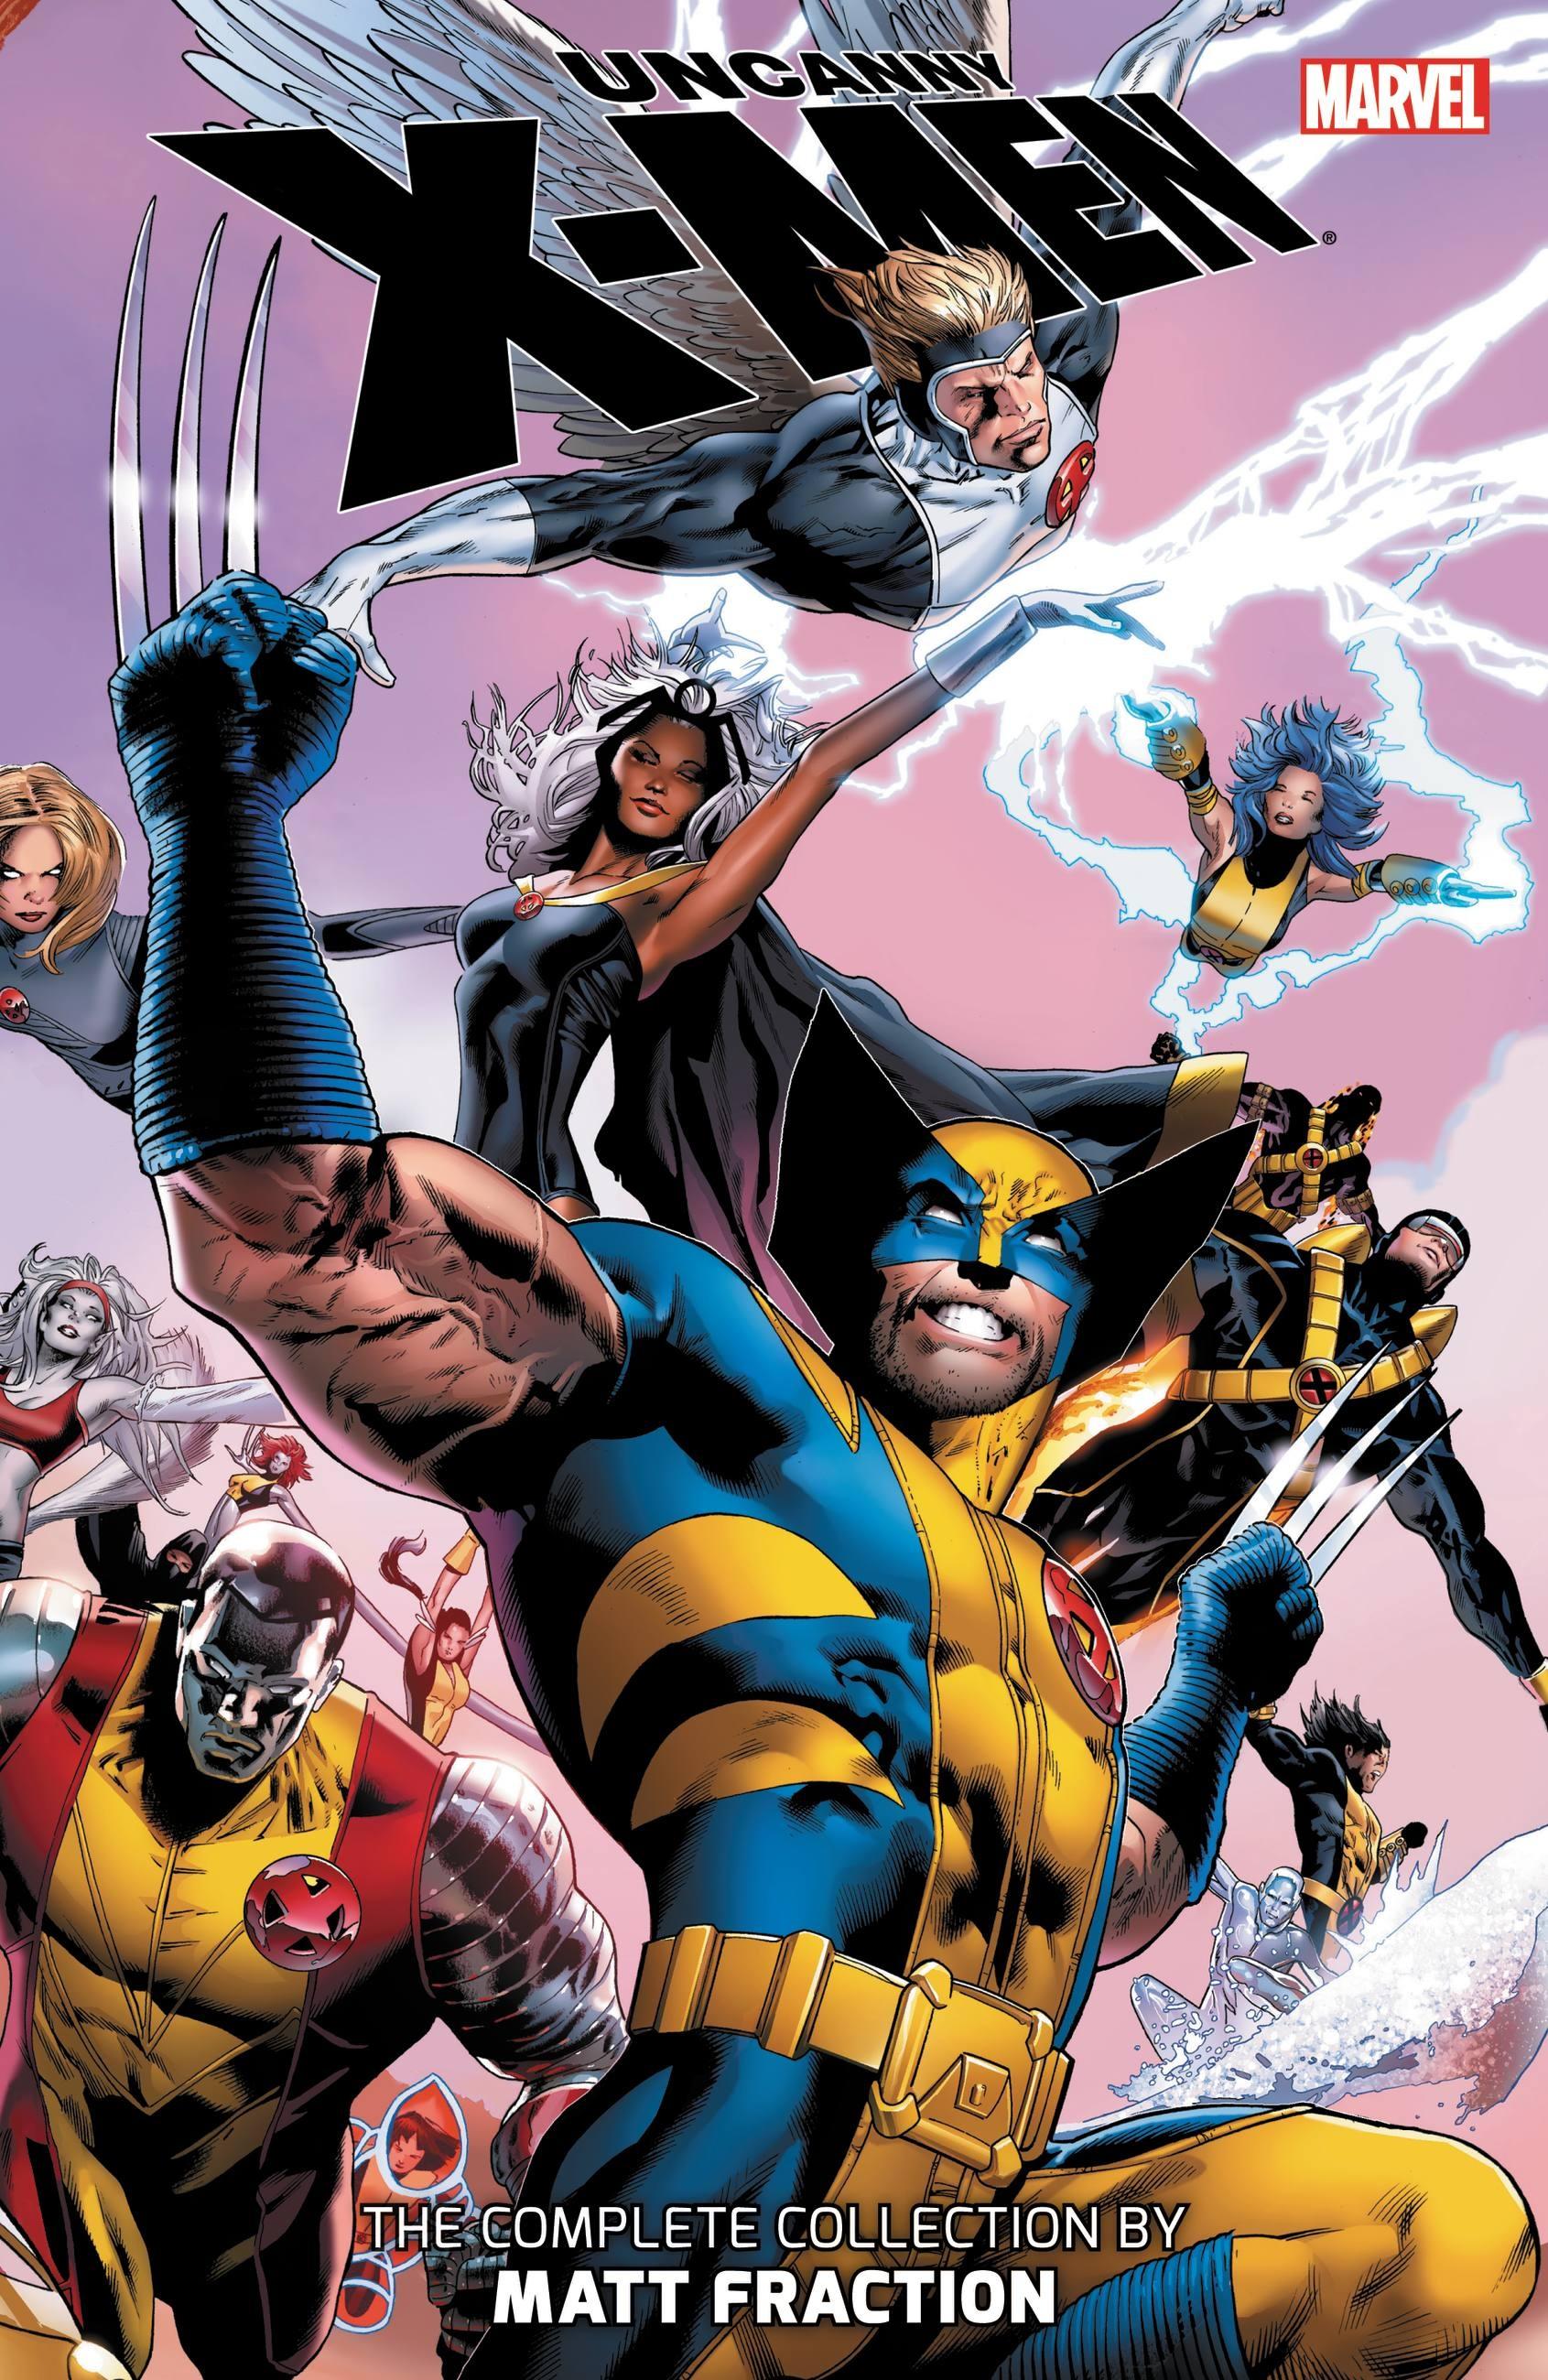 Uncanny X-Men uncanny stories